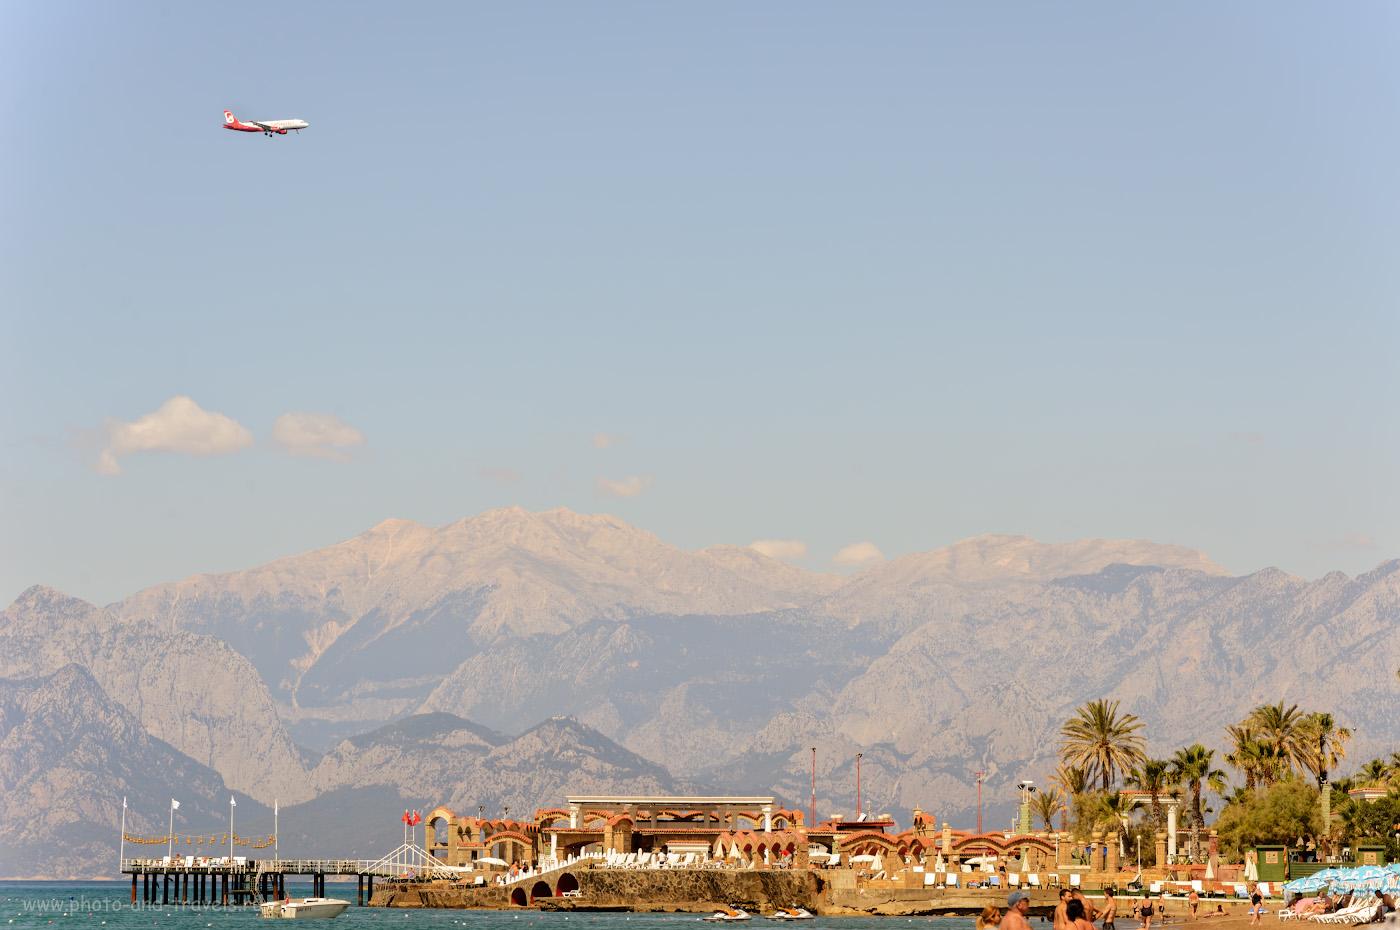 Фото 6. Самолет идет на посадку в аэропорт Анталии. Снято во время отдыха в Турции на пляже Лара. 1/640, +0.67, 8.0, 250, 140.